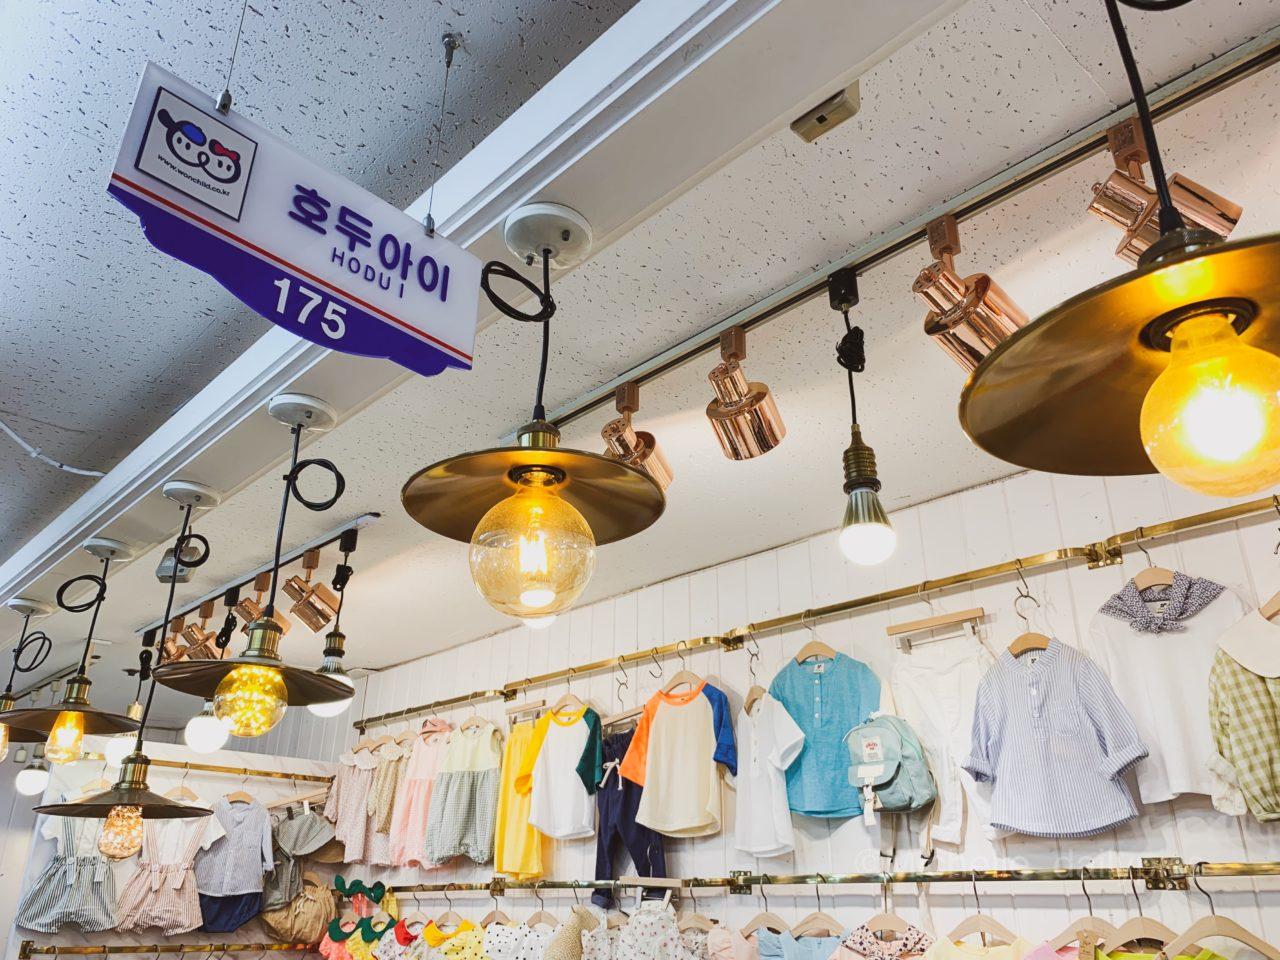 img 4186 - 韓国の子供服がかわいい!ソウルで行くべきおすすめショップ